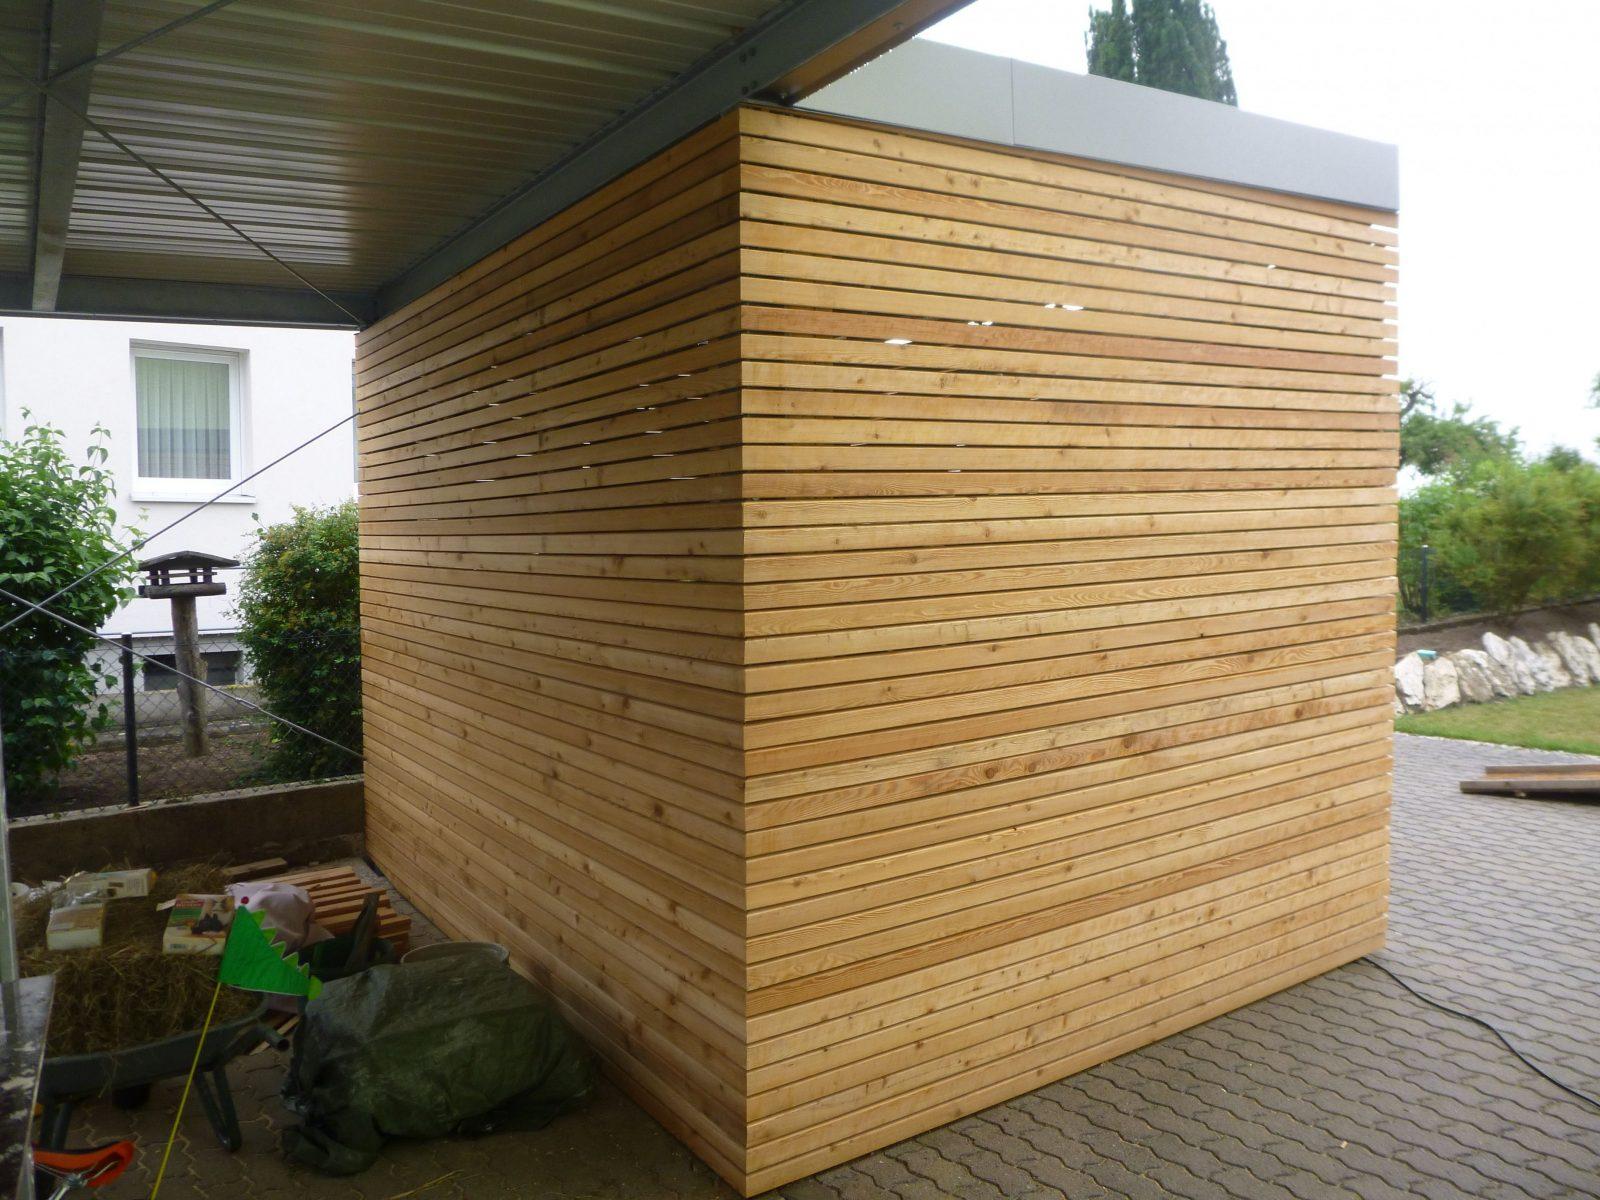 Carporthütte Mit Rhombusleisten Bauanleitung Zum Selber Bauen  Ext von Gartenhaus Modern Selber Bauen Photo